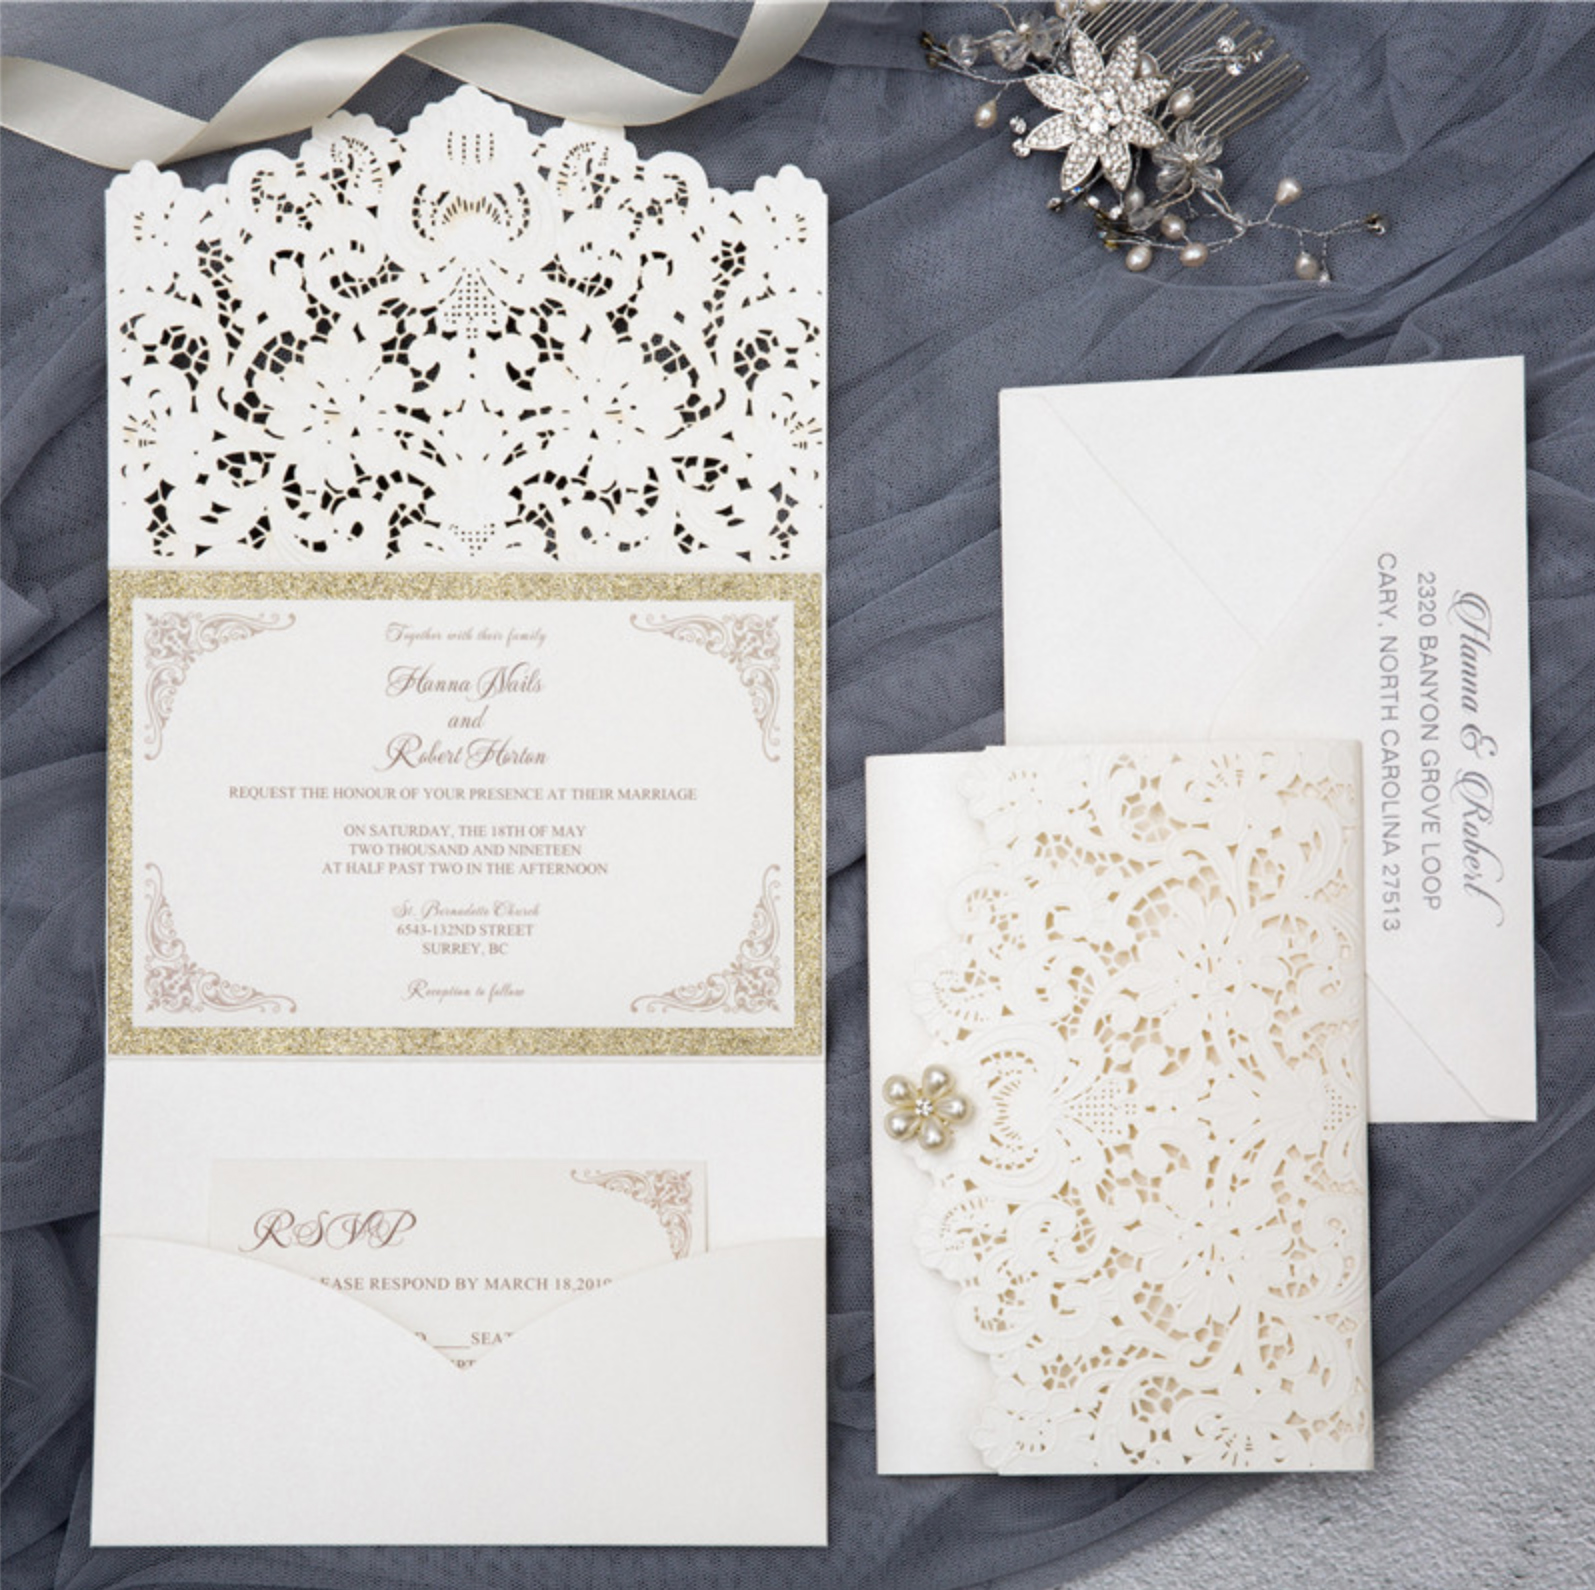 Faire-part mariage ciselé pochette WPFB2121